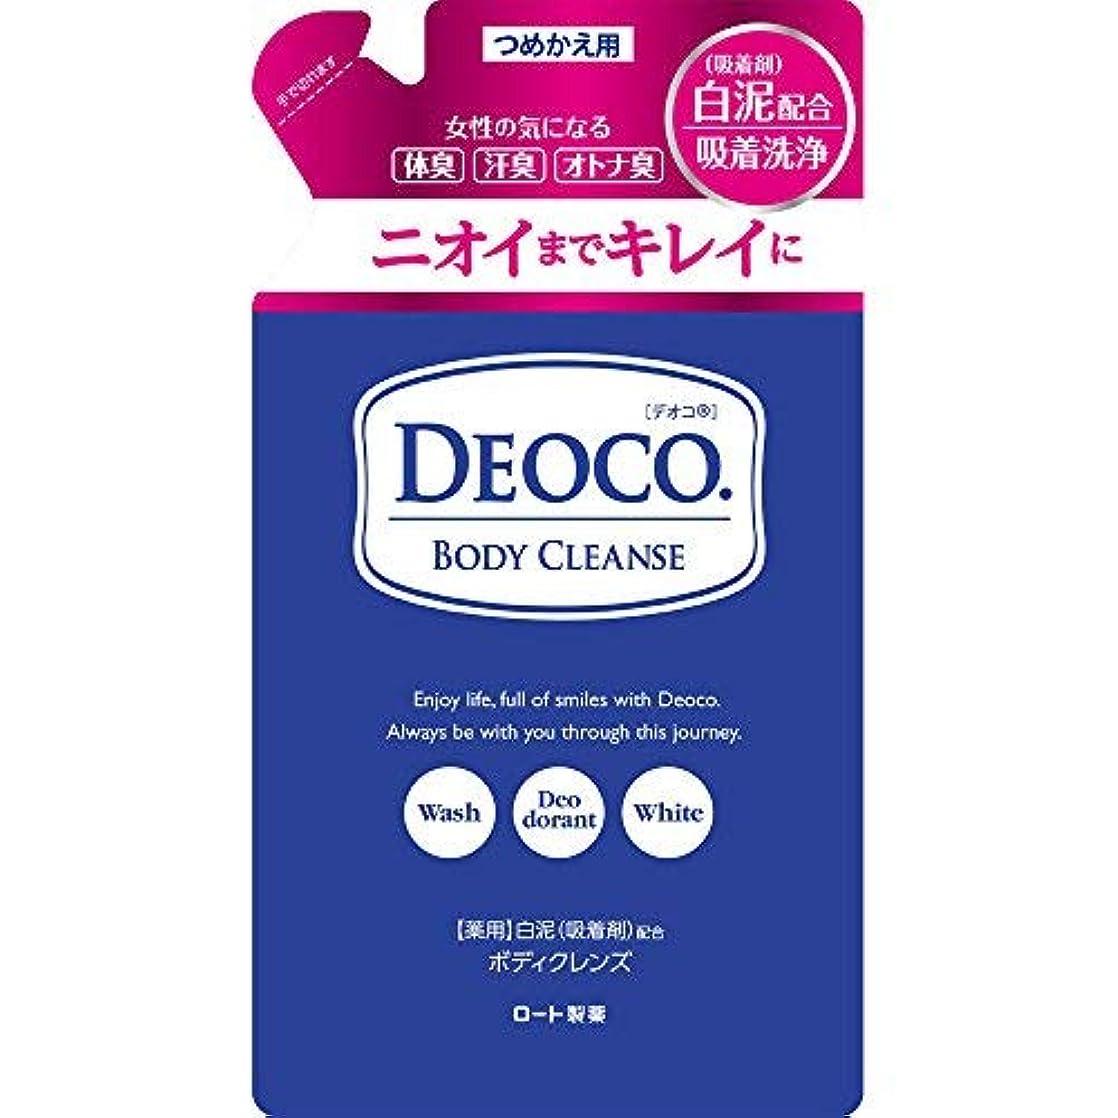 交じるリフト怒っているロート製薬 デオコ DEOCO 薬用 ボディクレンズ 詰め替え 250ml × 5個セット